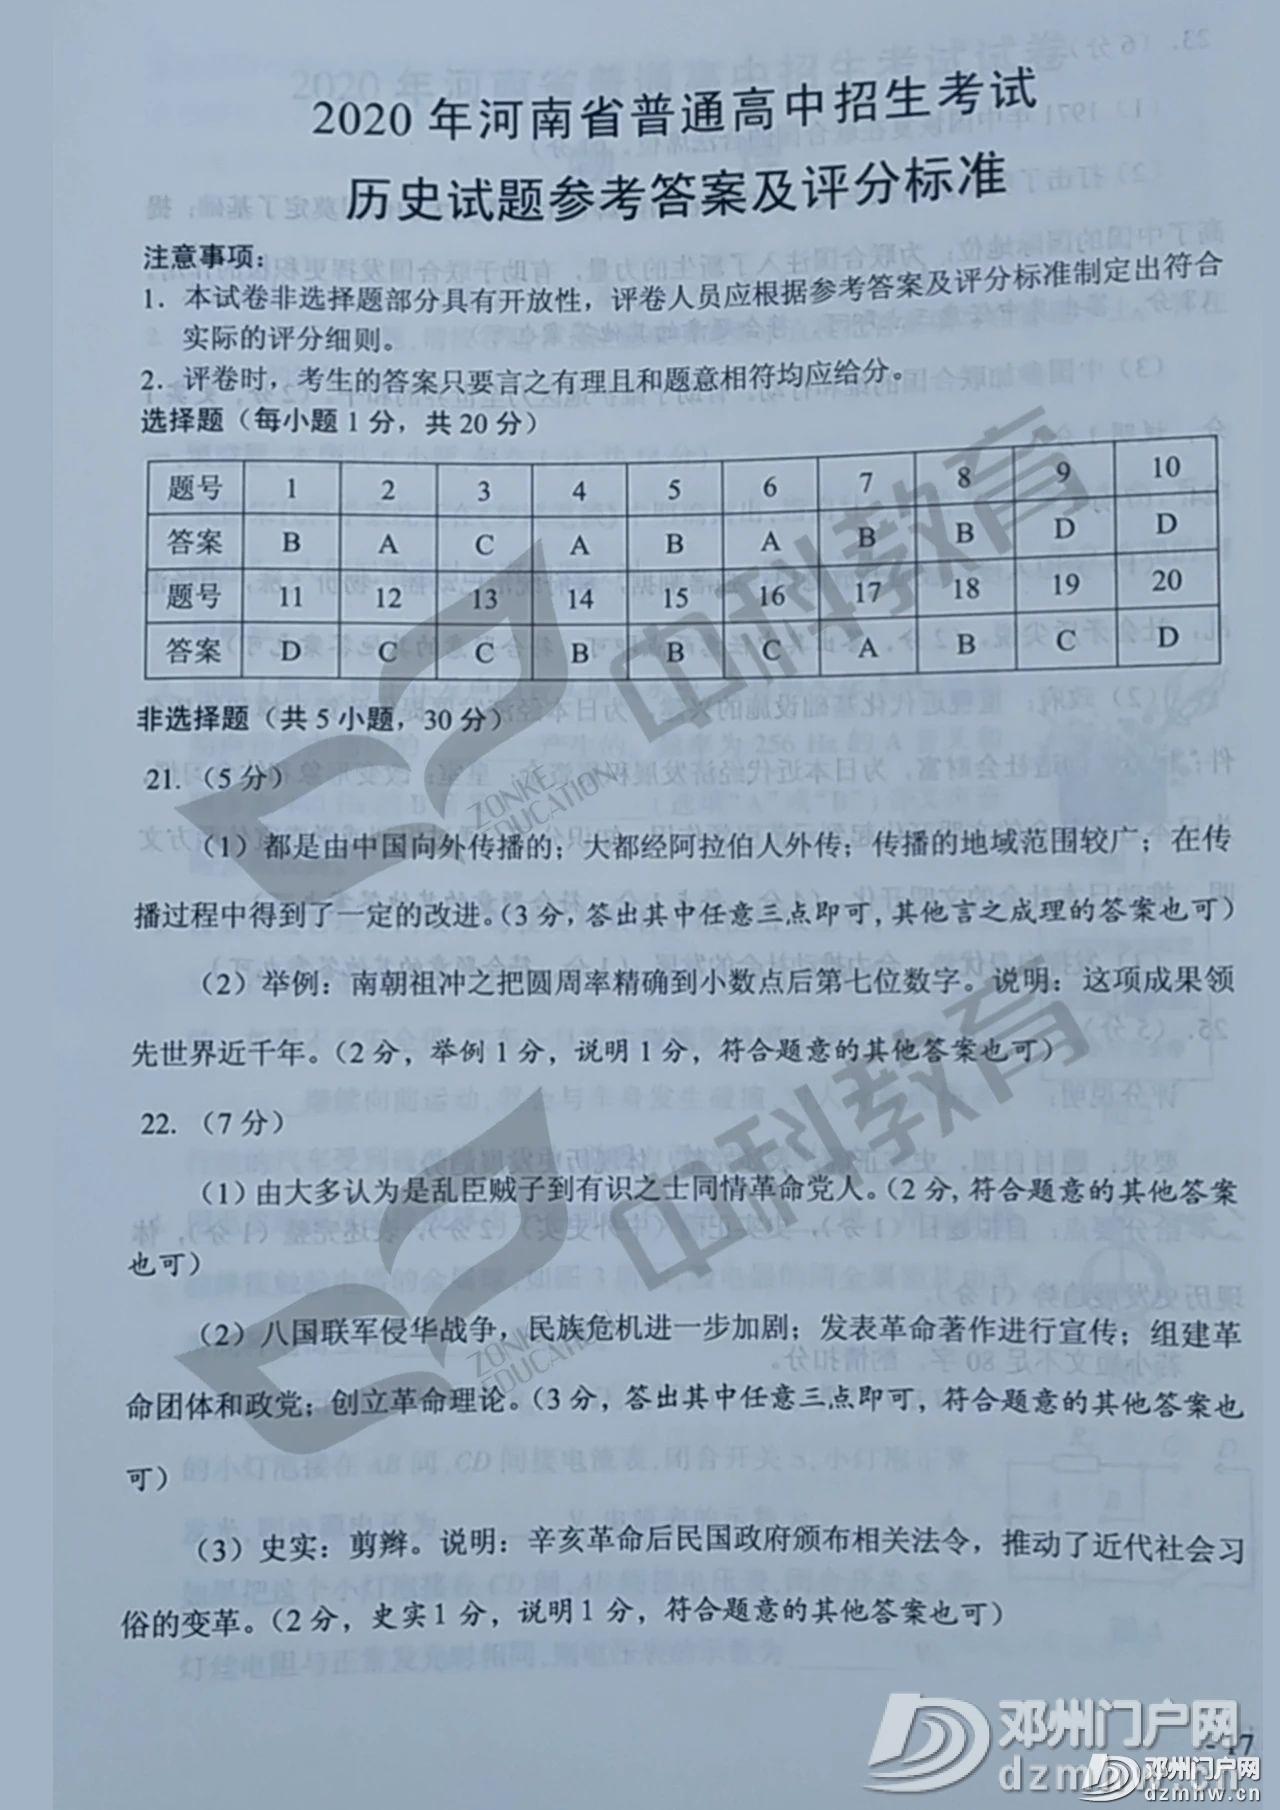 最新!邓州2020年中招各科试题及答案公布,请转发给身边的初三学生家长! - 邓州门户网|邓州网 - 7af6edcacd44ce9c667812e761a6cdfa.jpg